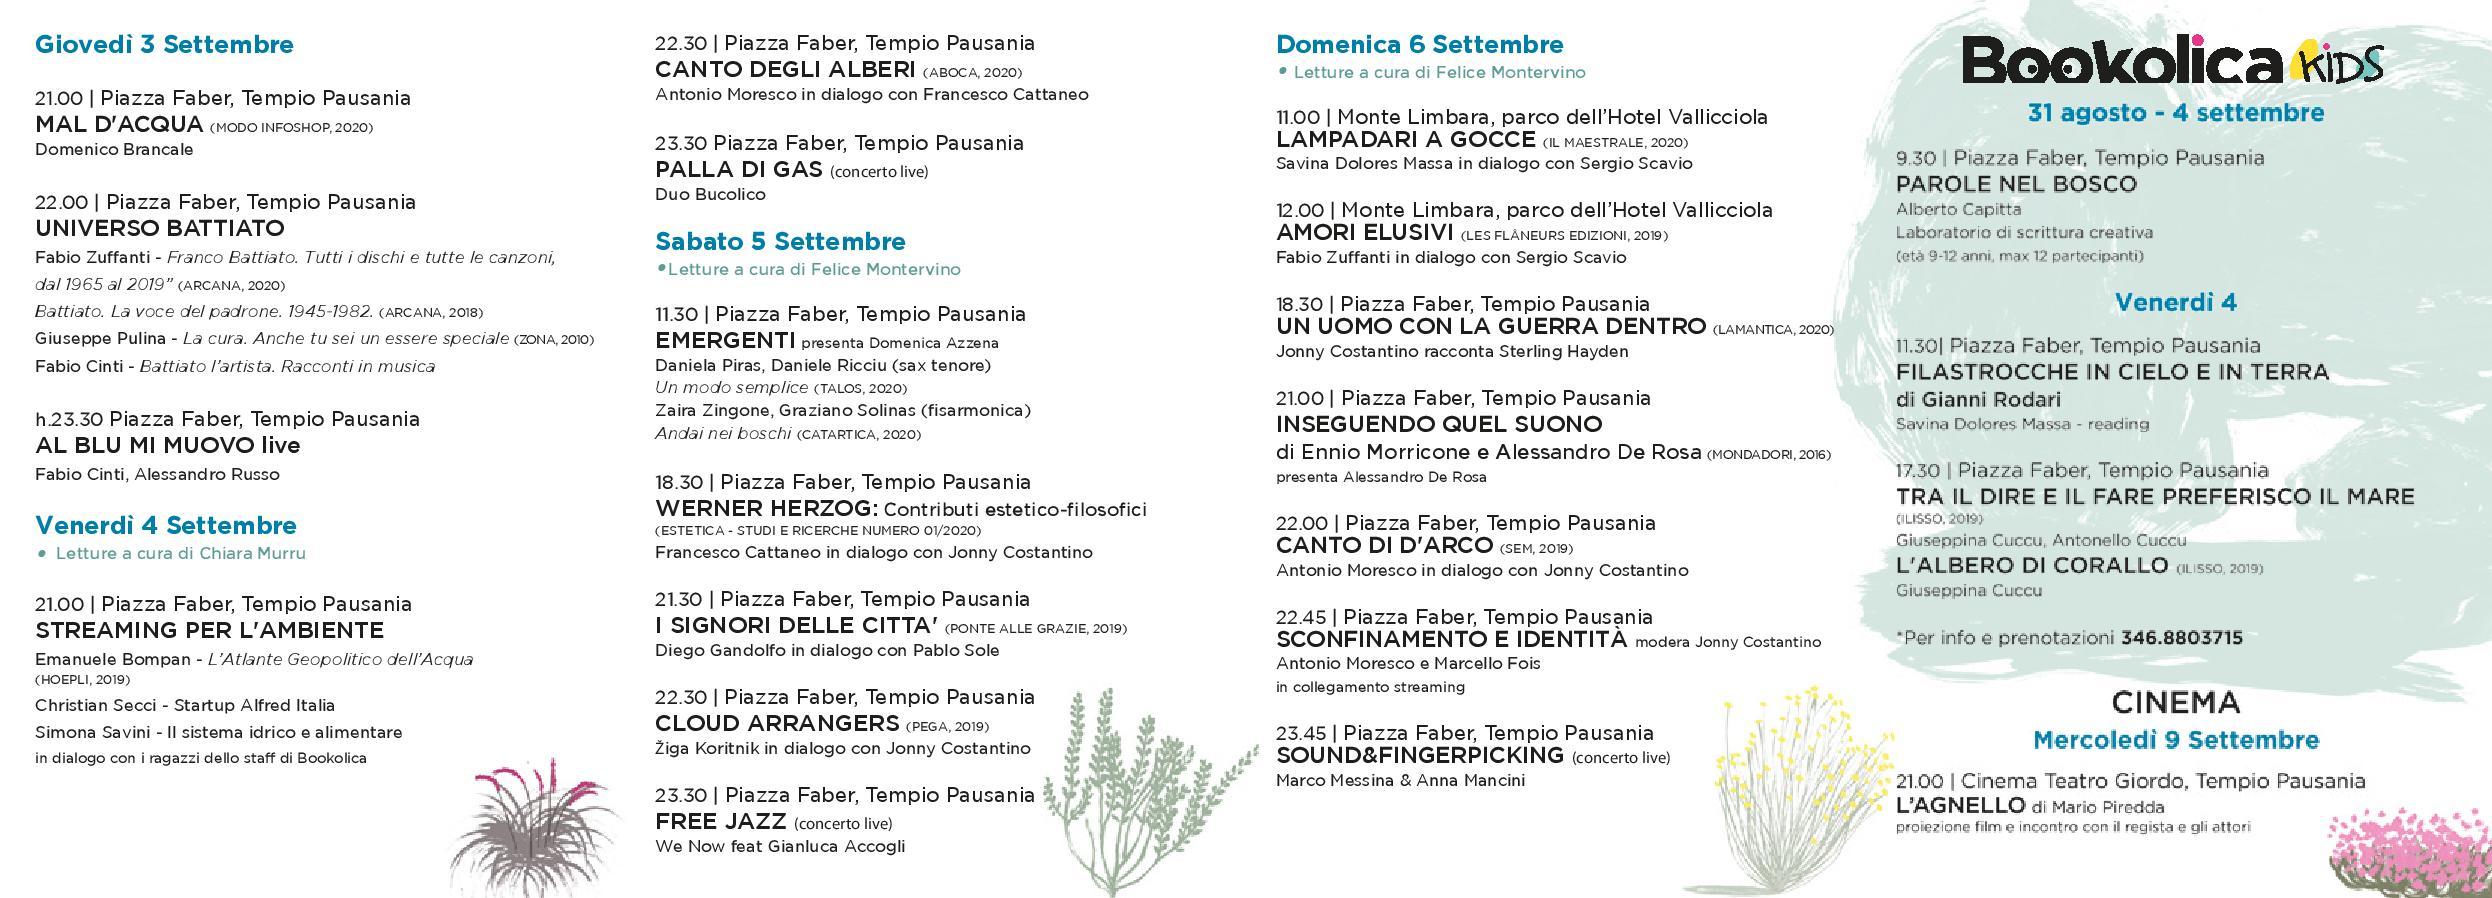 Programma_Bookolica_2020_Definitivo_web_5-page-002